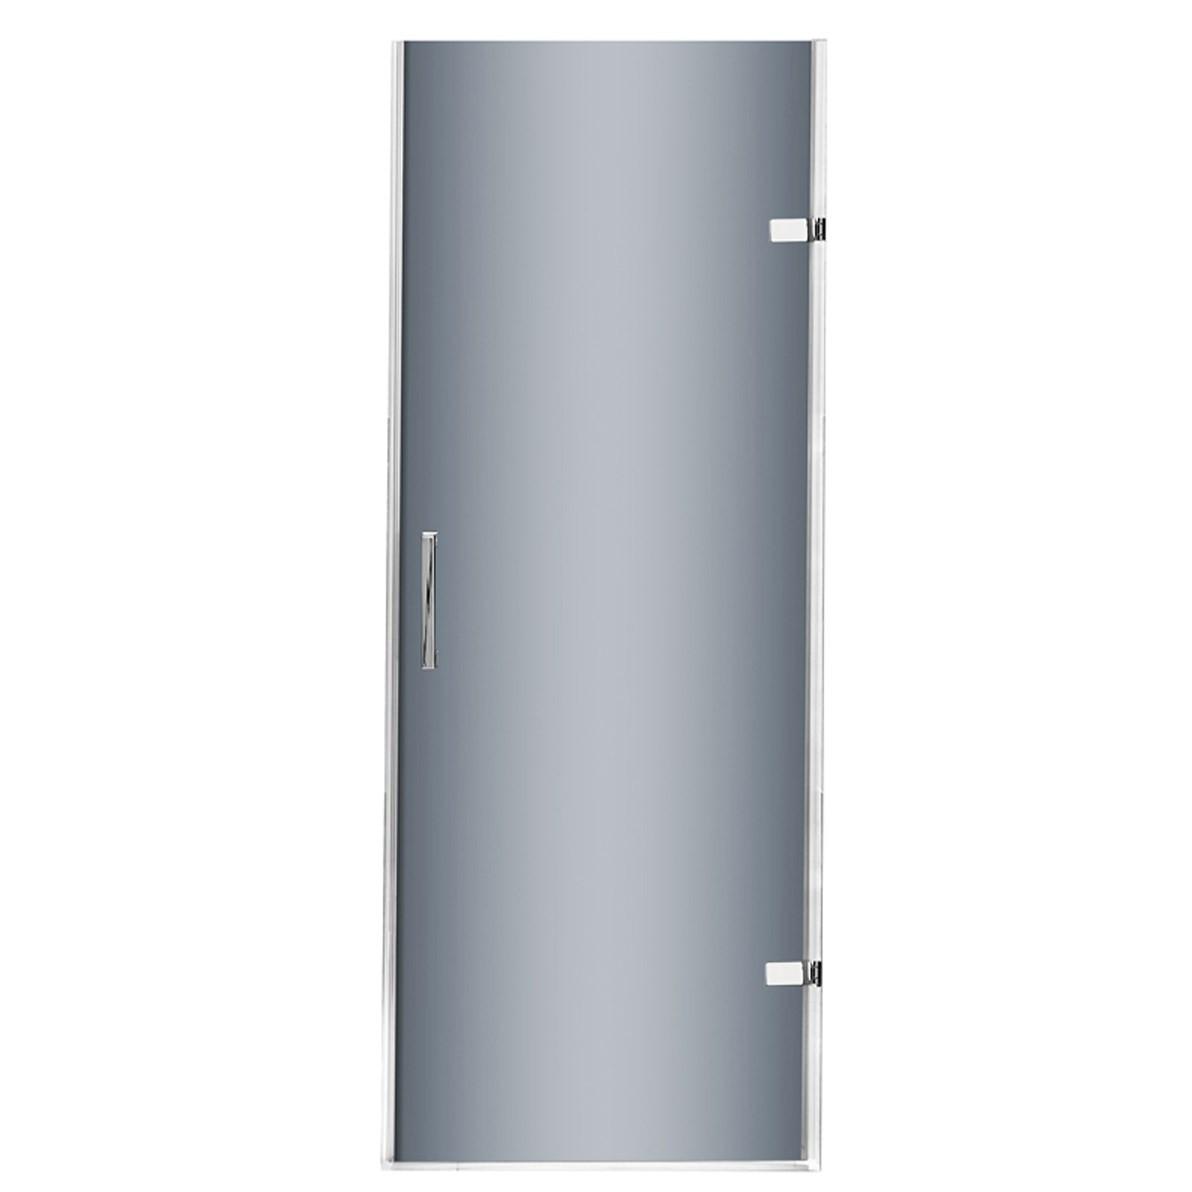 VIGO VG6072CHBLK28 SoHo Adjustable Frameless Shower Door With Sheer Black Glass In Chrome